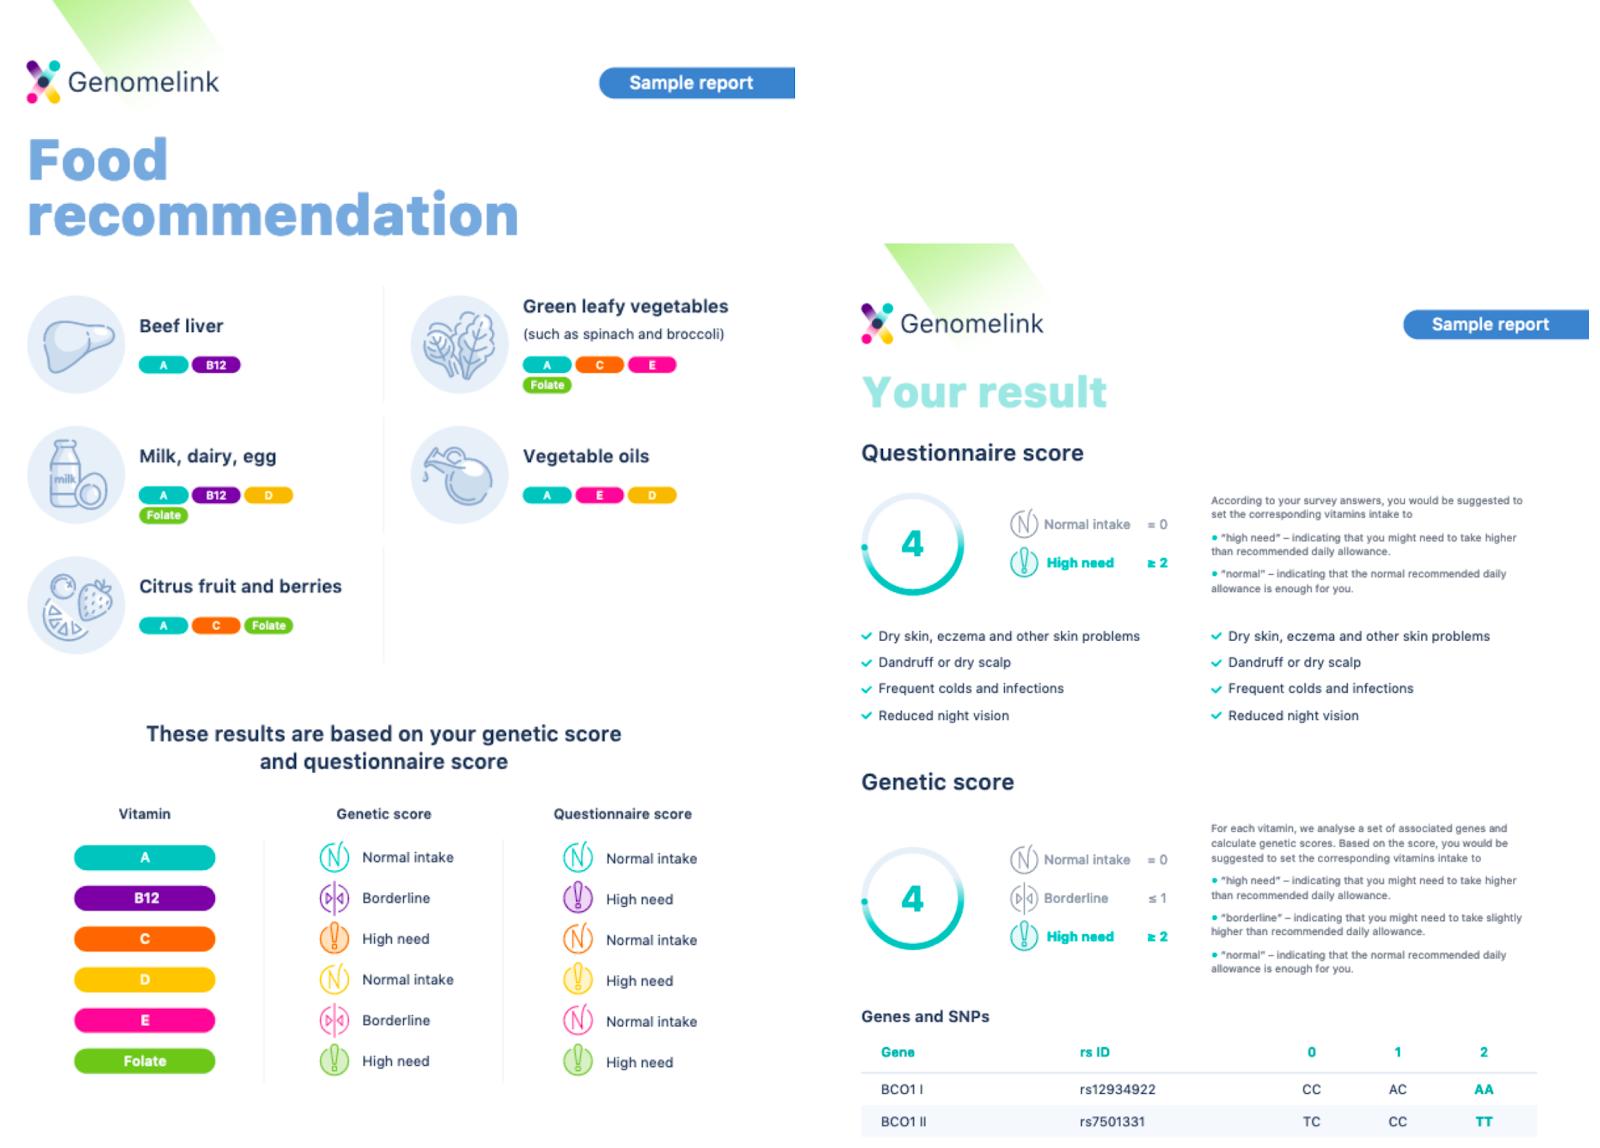 Genomelink Персонализированный совет по питанию.